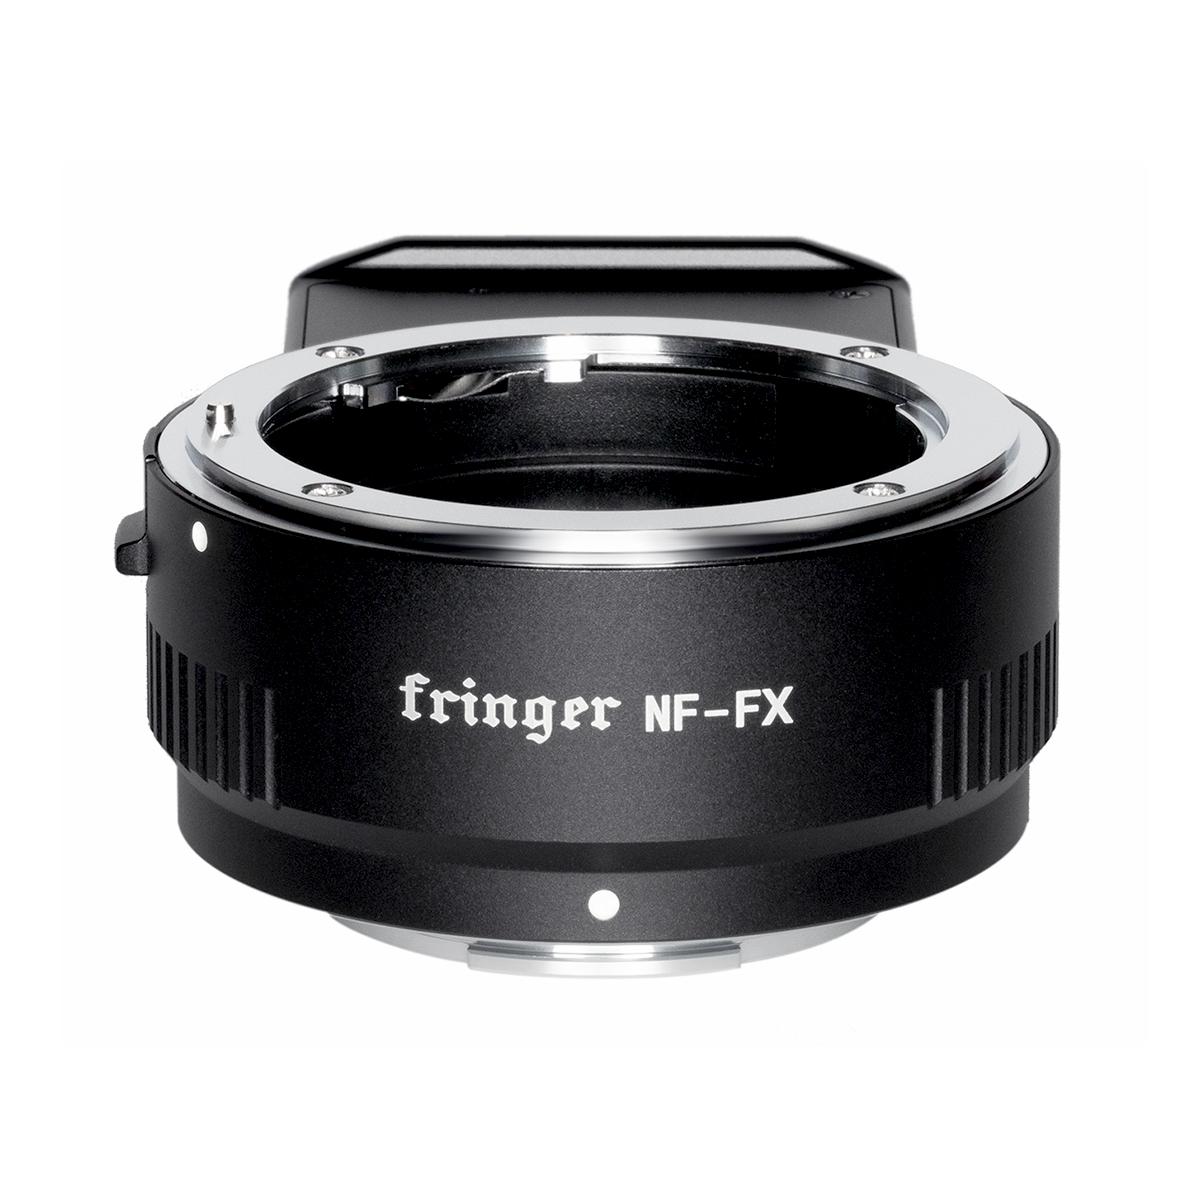 Fringer FR-FTX1(ニコンFマウントレンズ → 富士フイルムXマウント変換)電子マウントアダプター